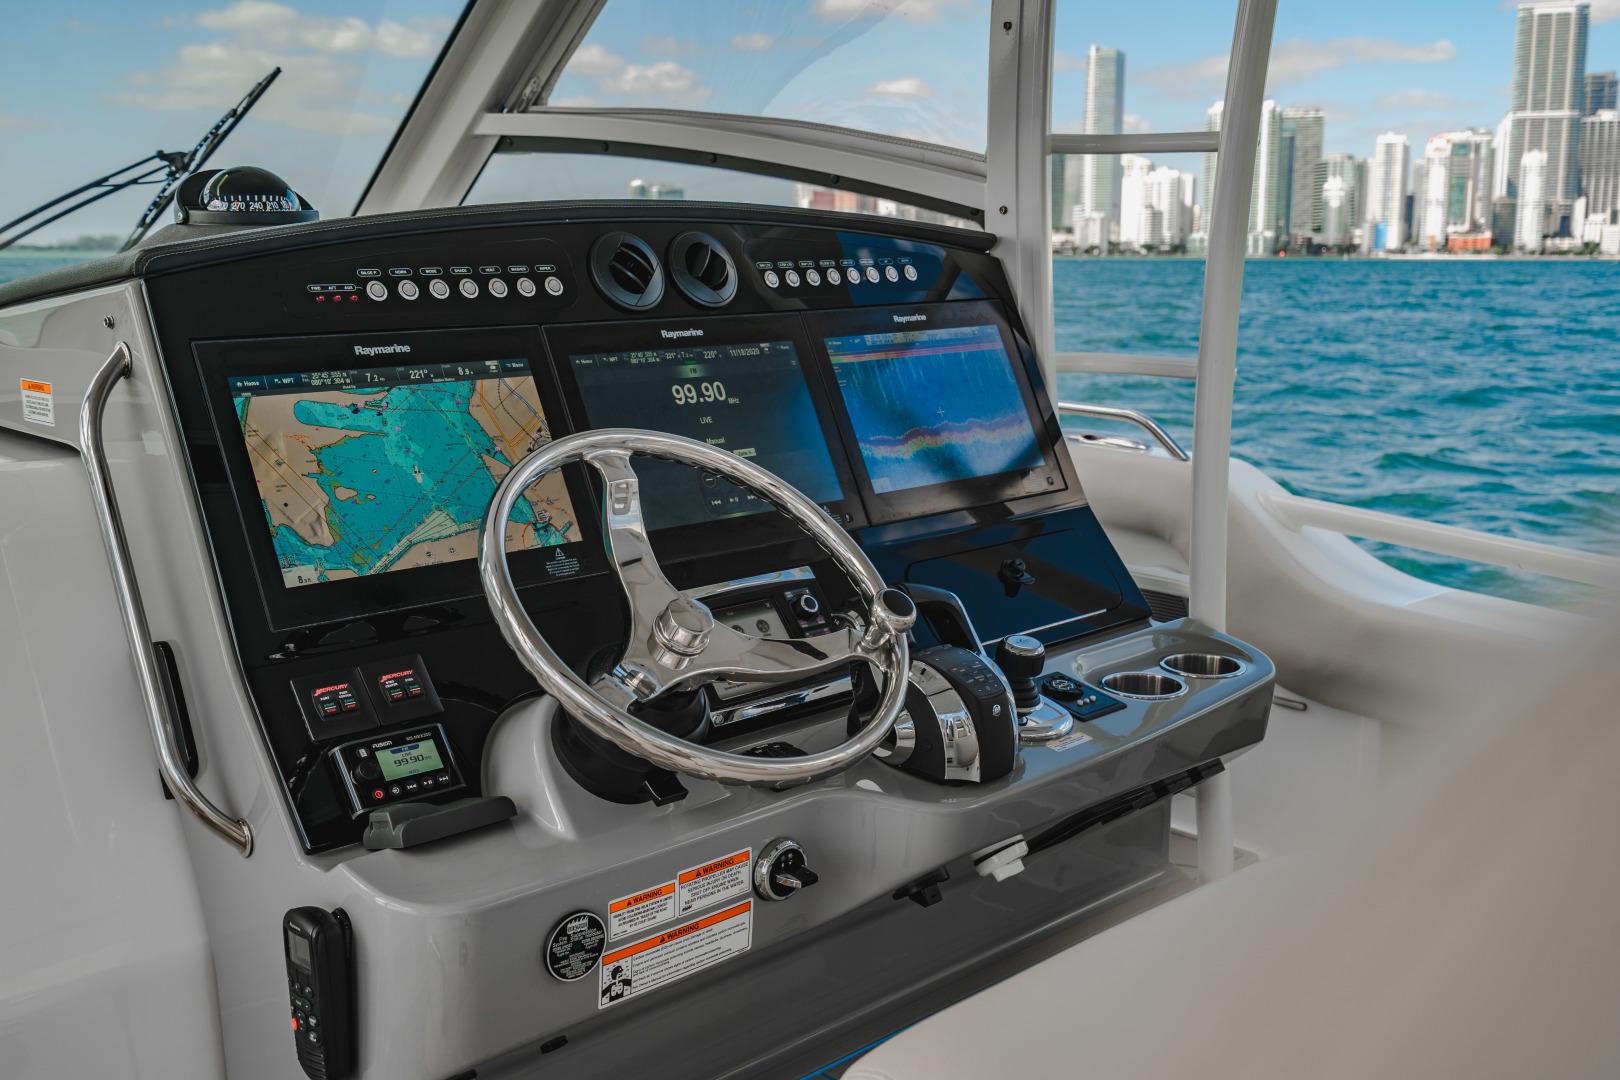 Boston Whaler-Outrage 2016-Sea Duction Miami Beach -Florida-United States-1557391 | Thumbnail